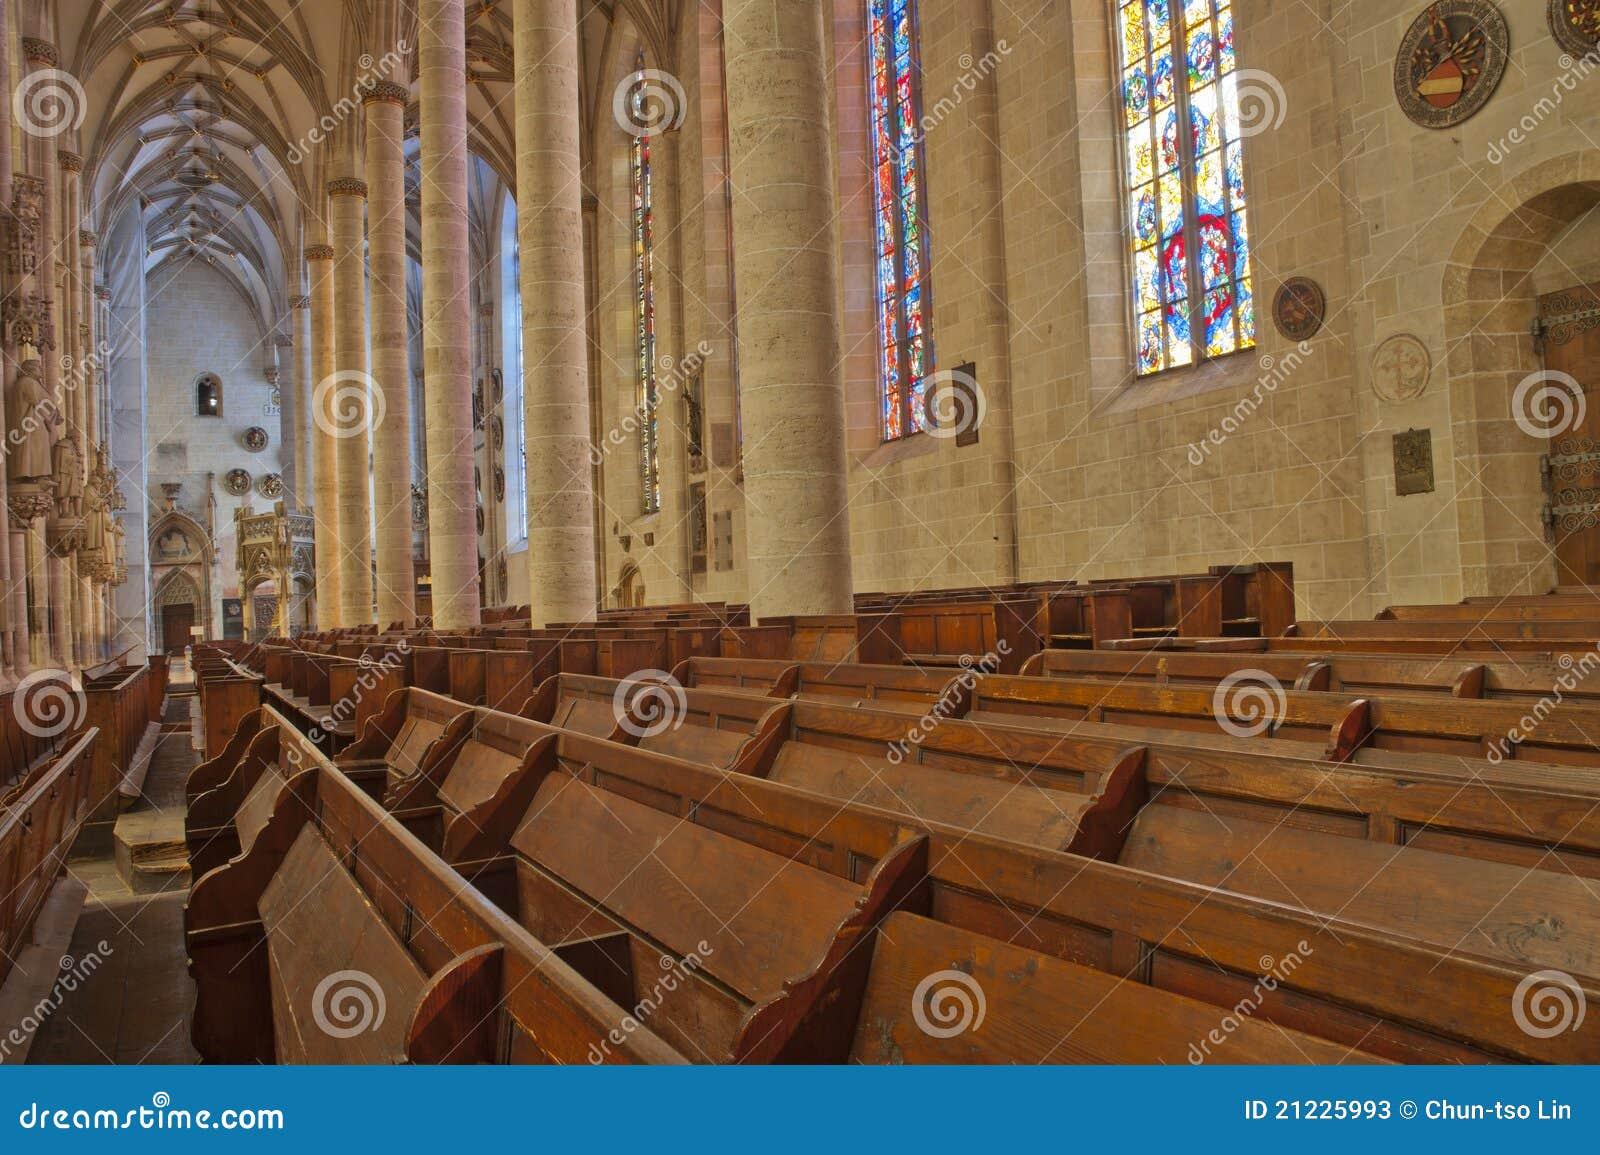 Gotische Architektur Im Ulm Münster Stockfotos - Bild